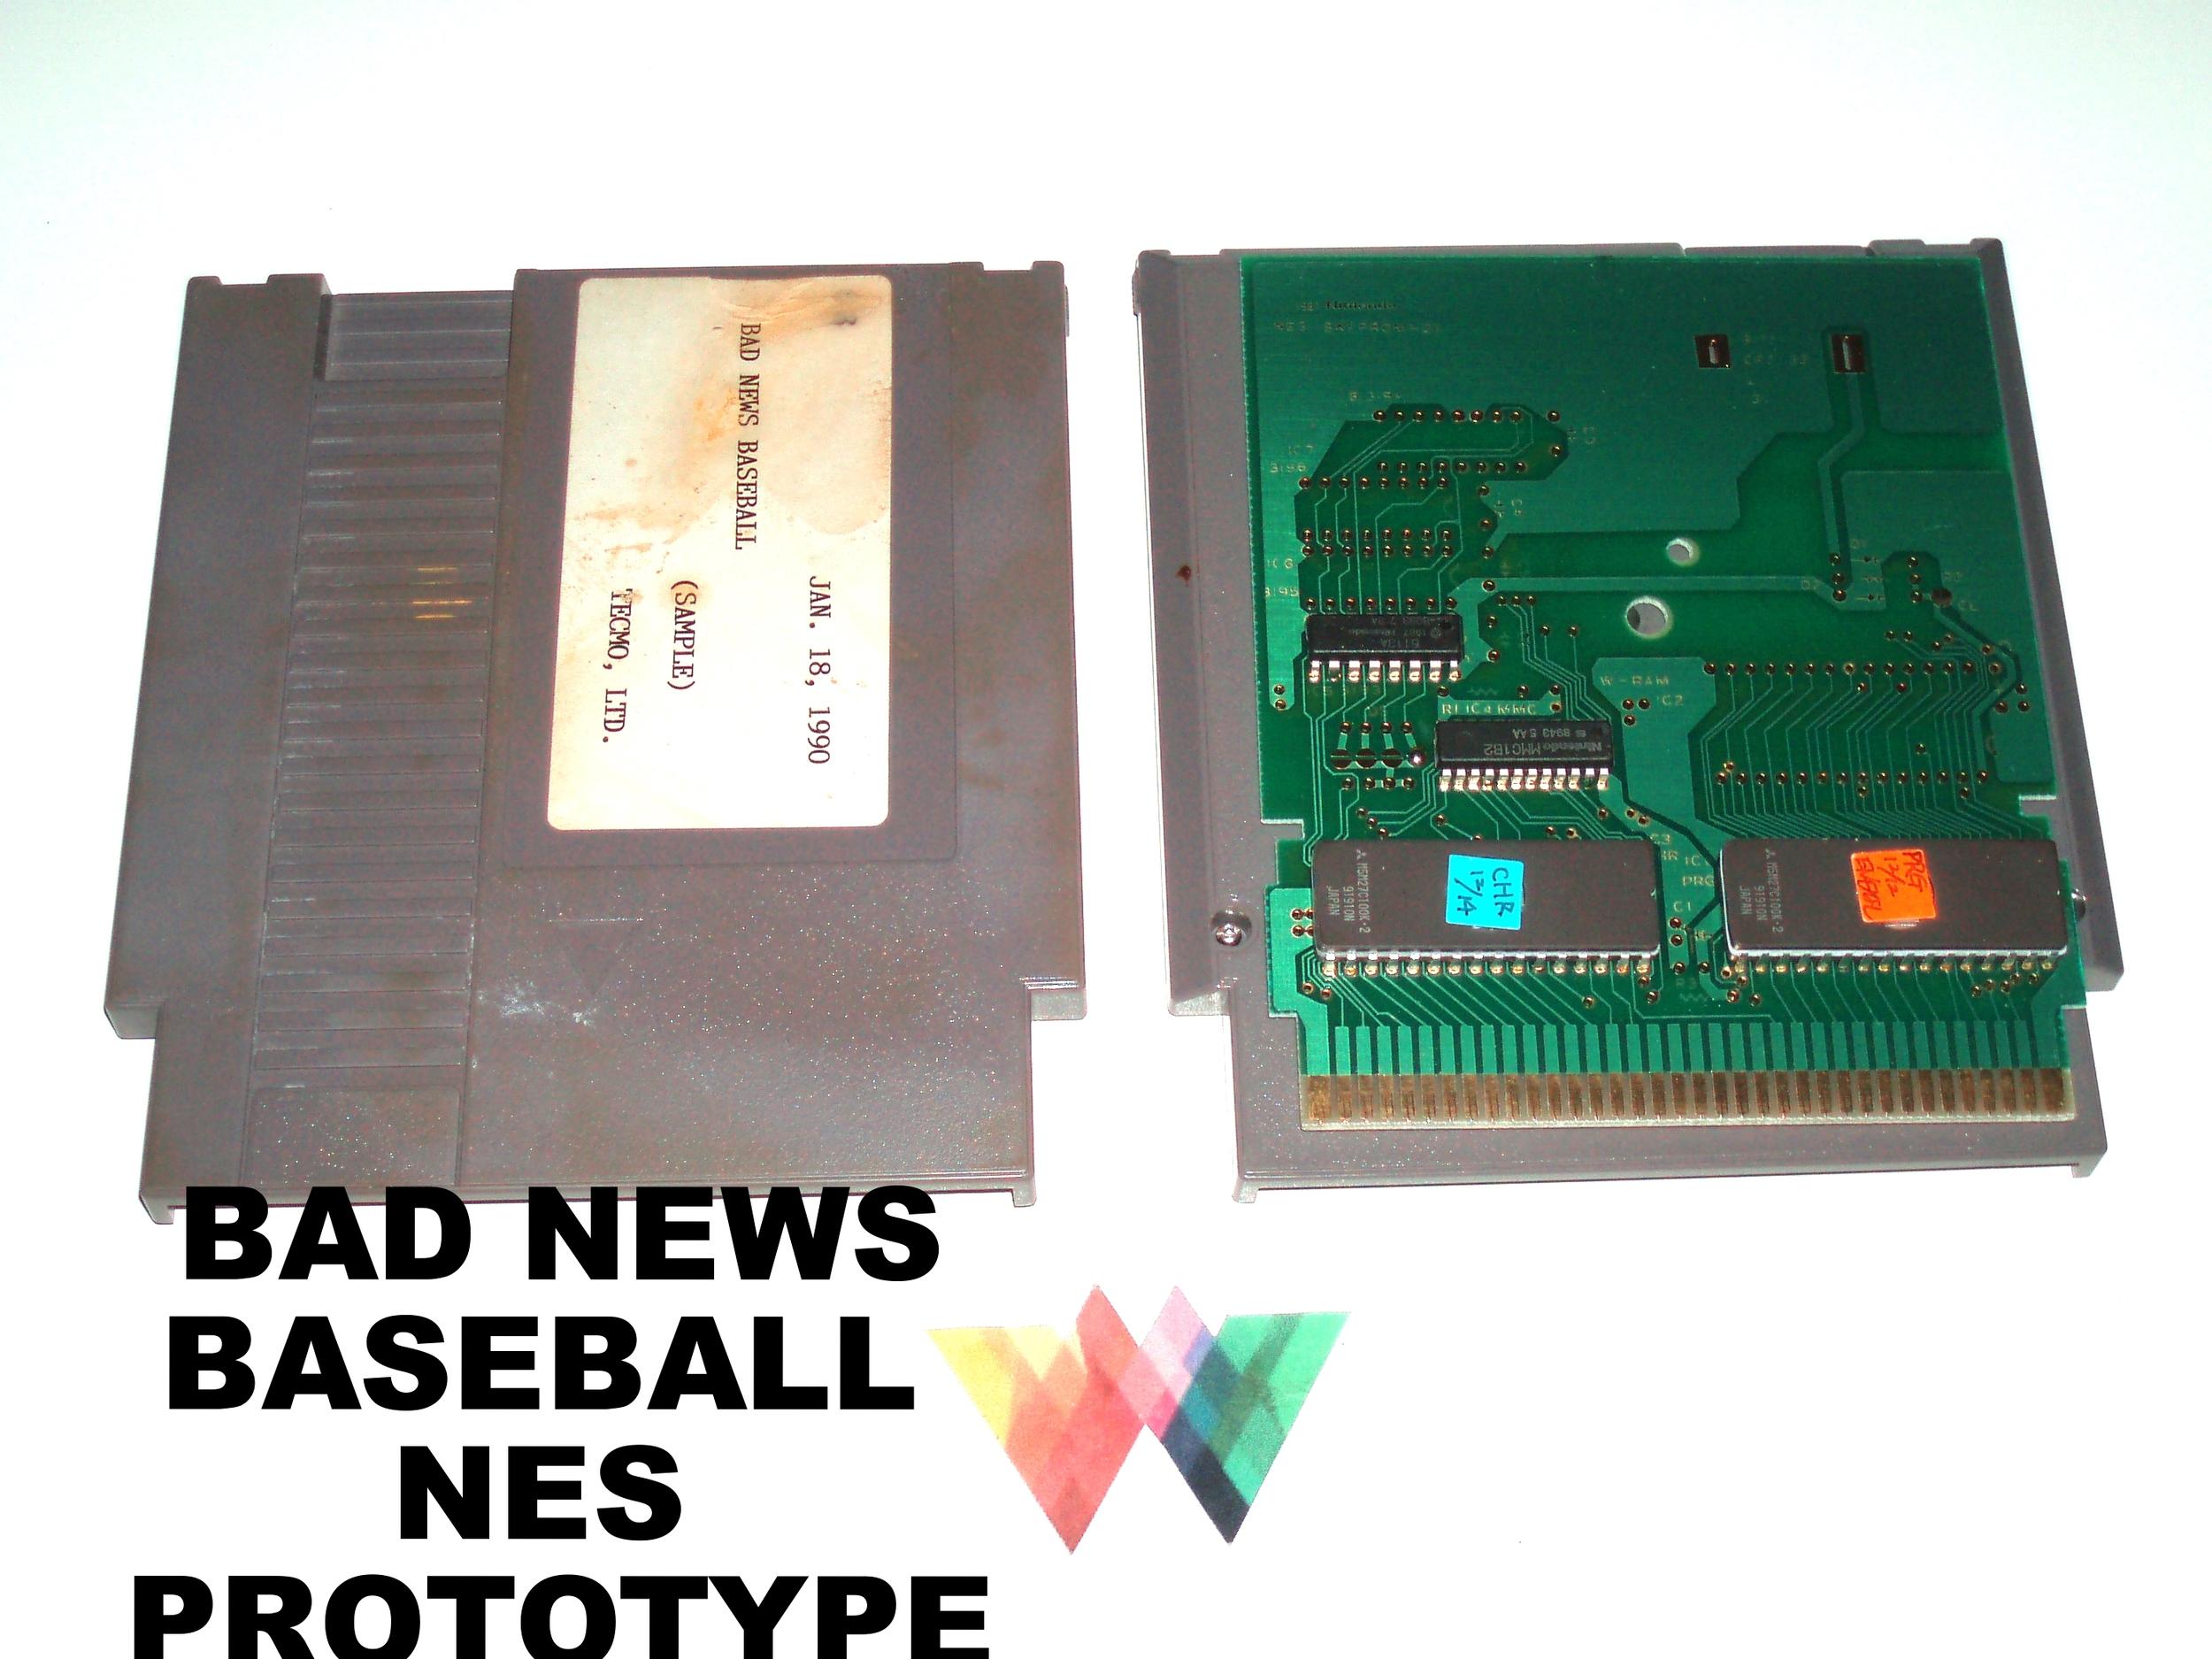 Bad News Baseball NES Prototype